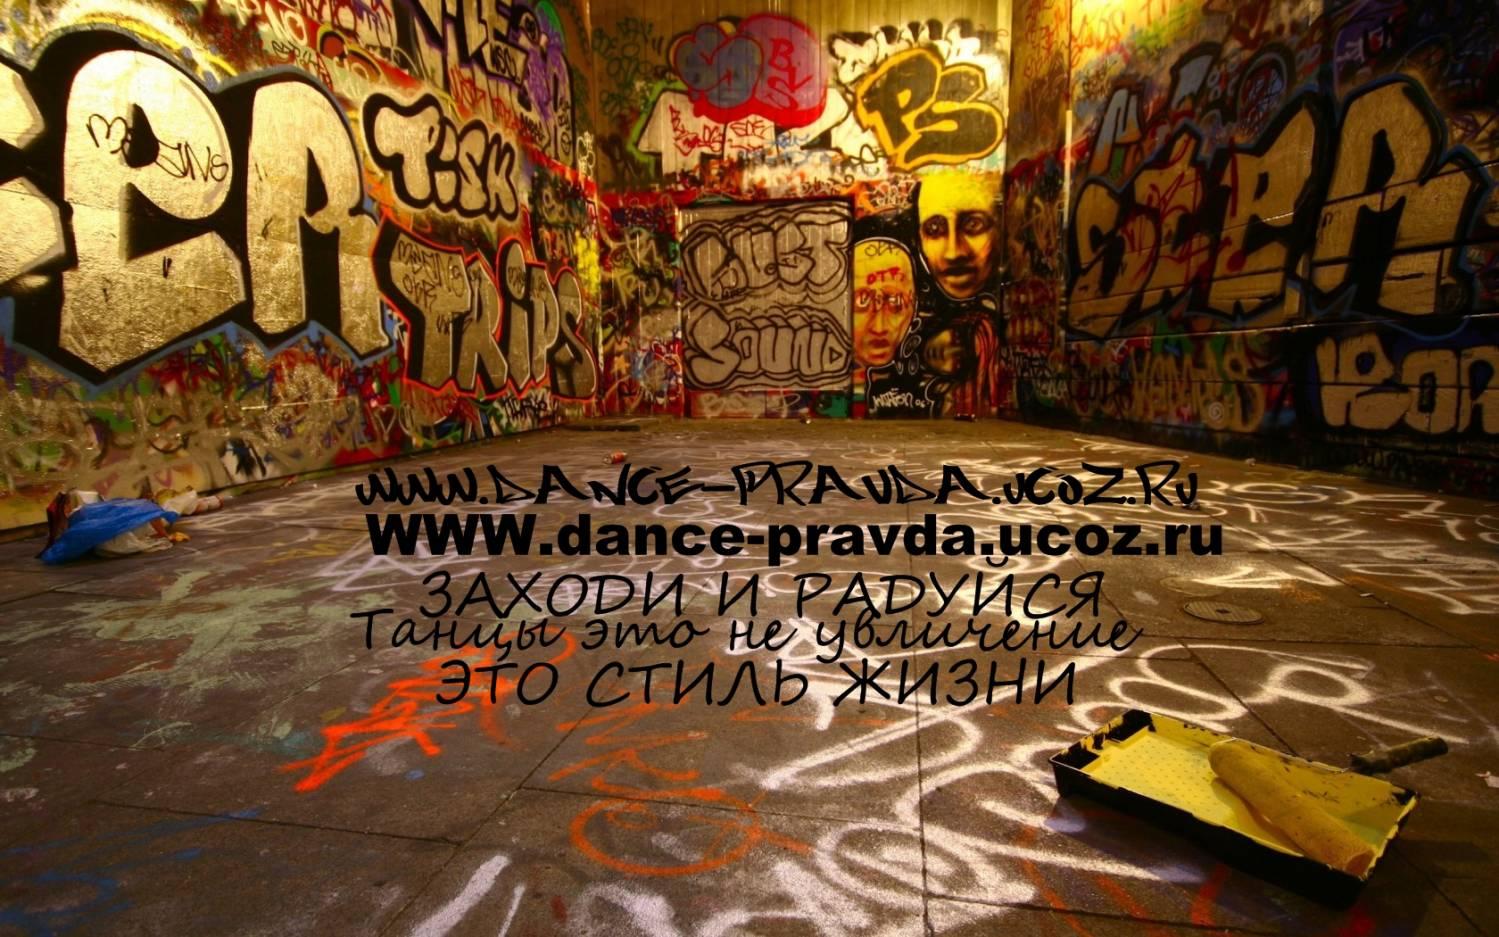 Л.Пучков Книга Архив Клана